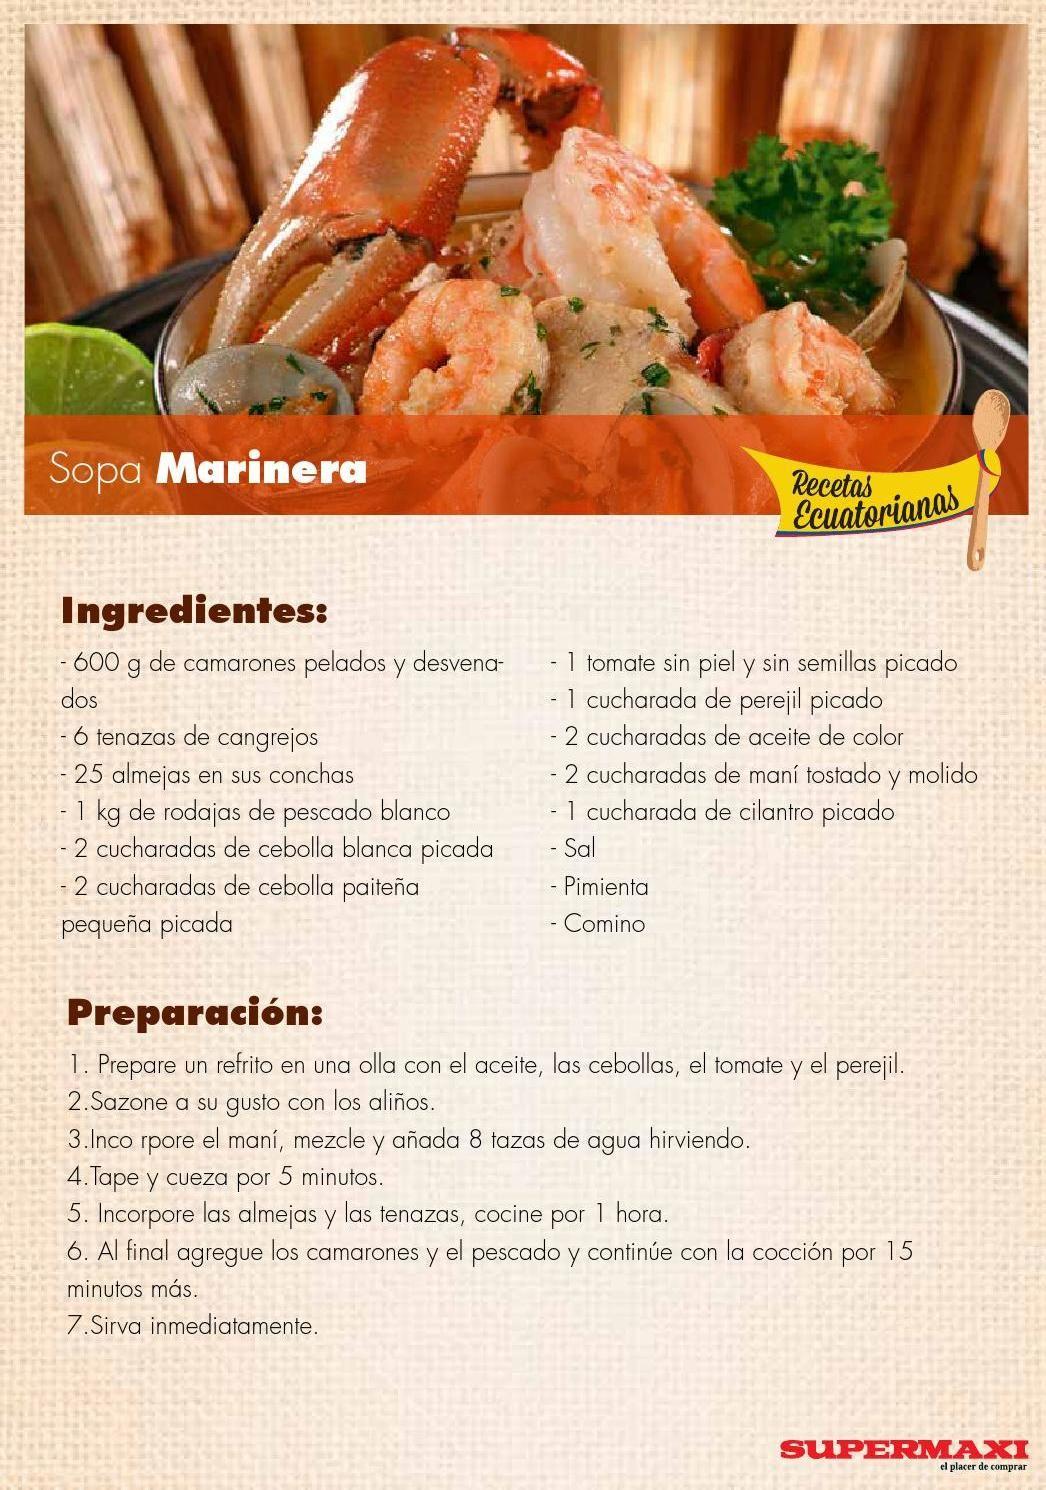 Recetas ecuatorianas recetas ecuatorianas recetas y comida for Ingredientes para comida